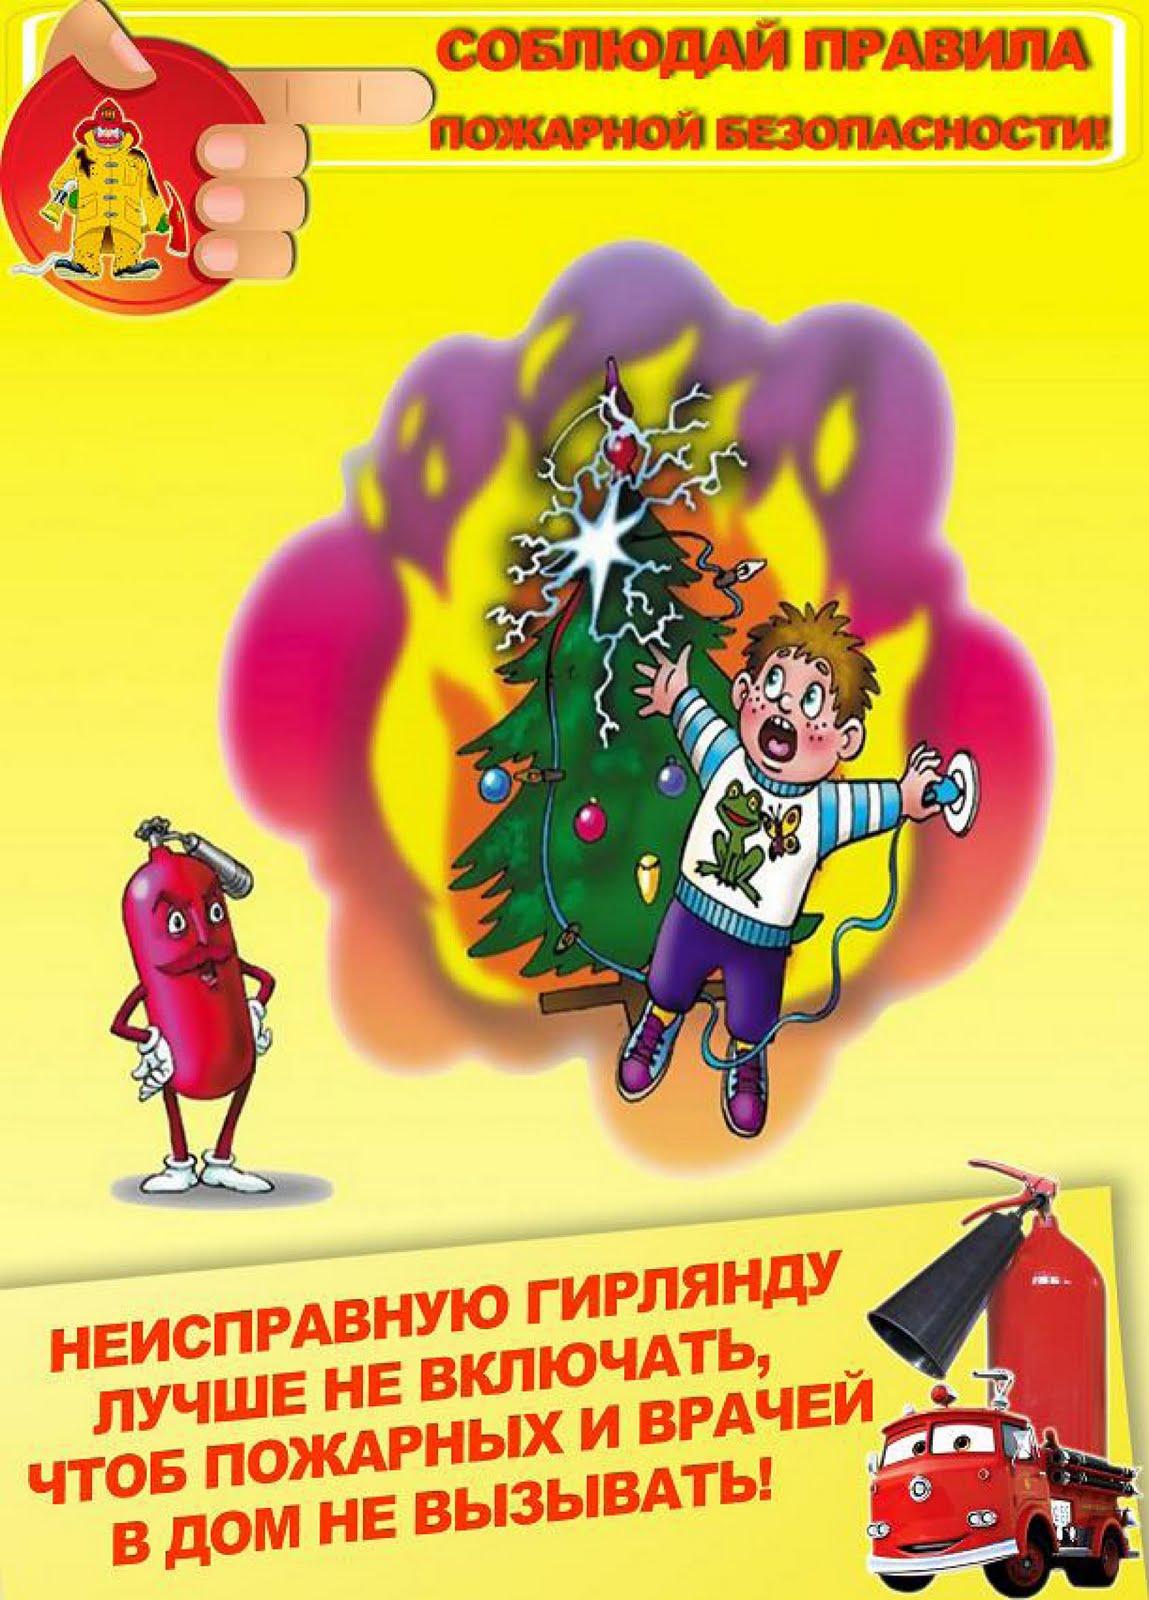 Правила пожарной безопасности для жилых домов гостиниц общежитий